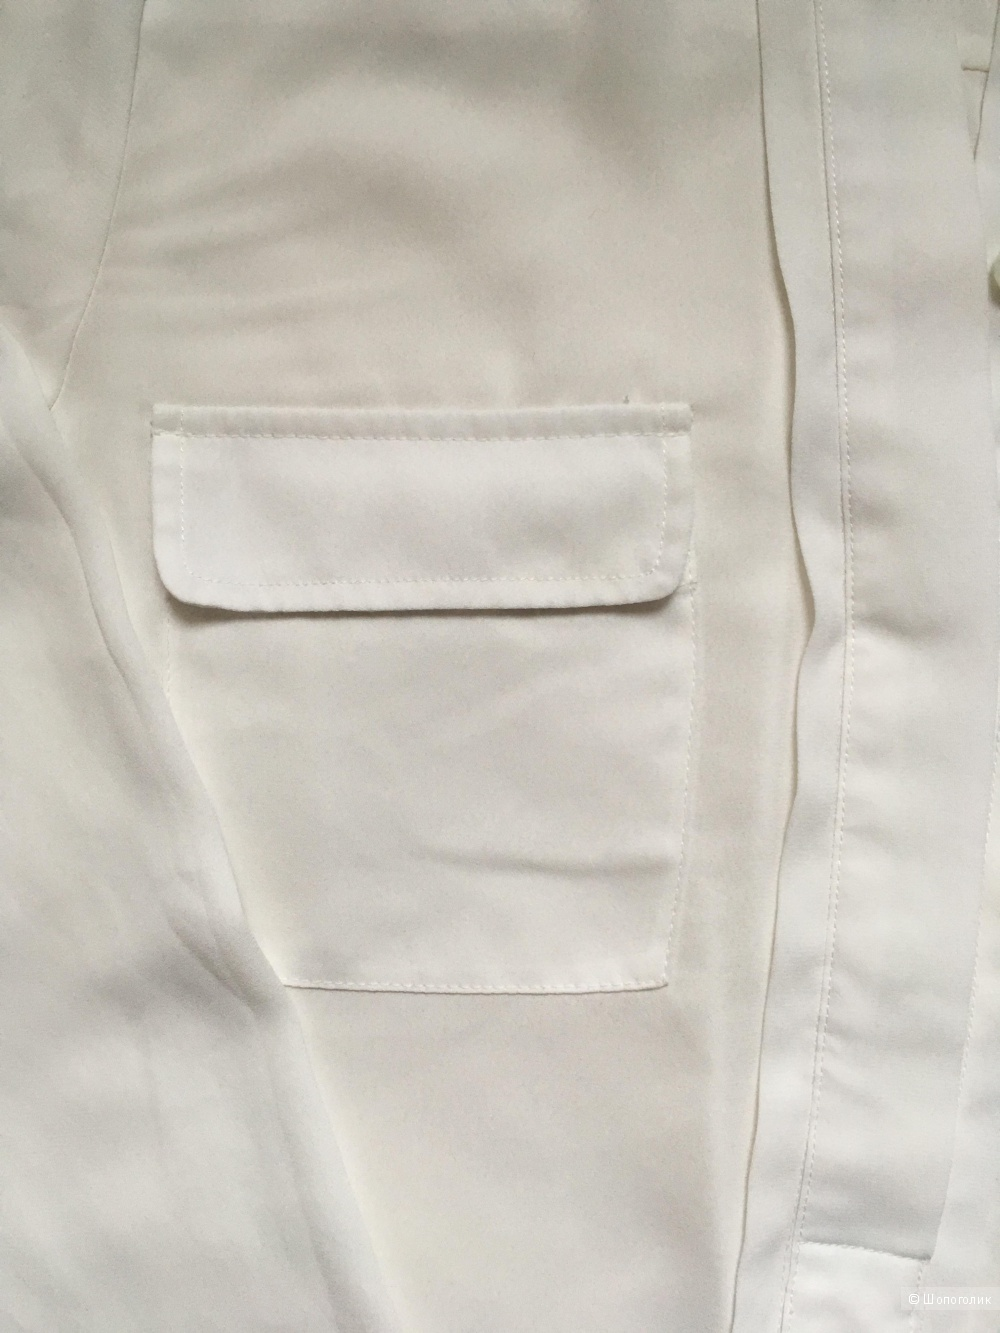 Asos рубашка размер S-M